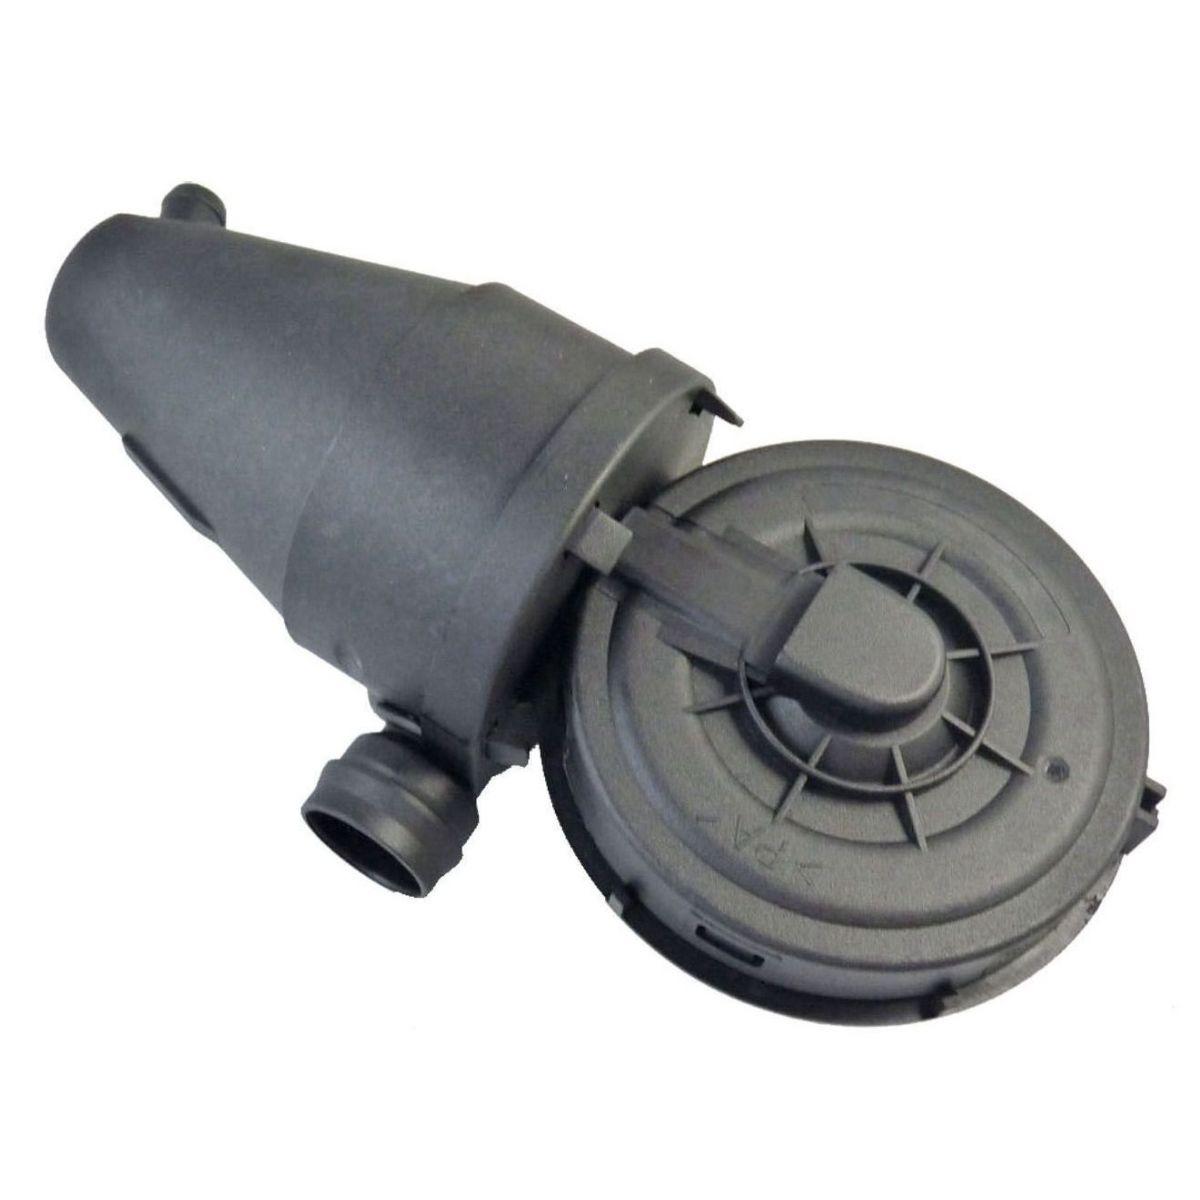 Valvula Ventilacao Suspiro Oleo Motor Bmw E36 E39 320 323 328 528 1994 a 1999 - 11151703484